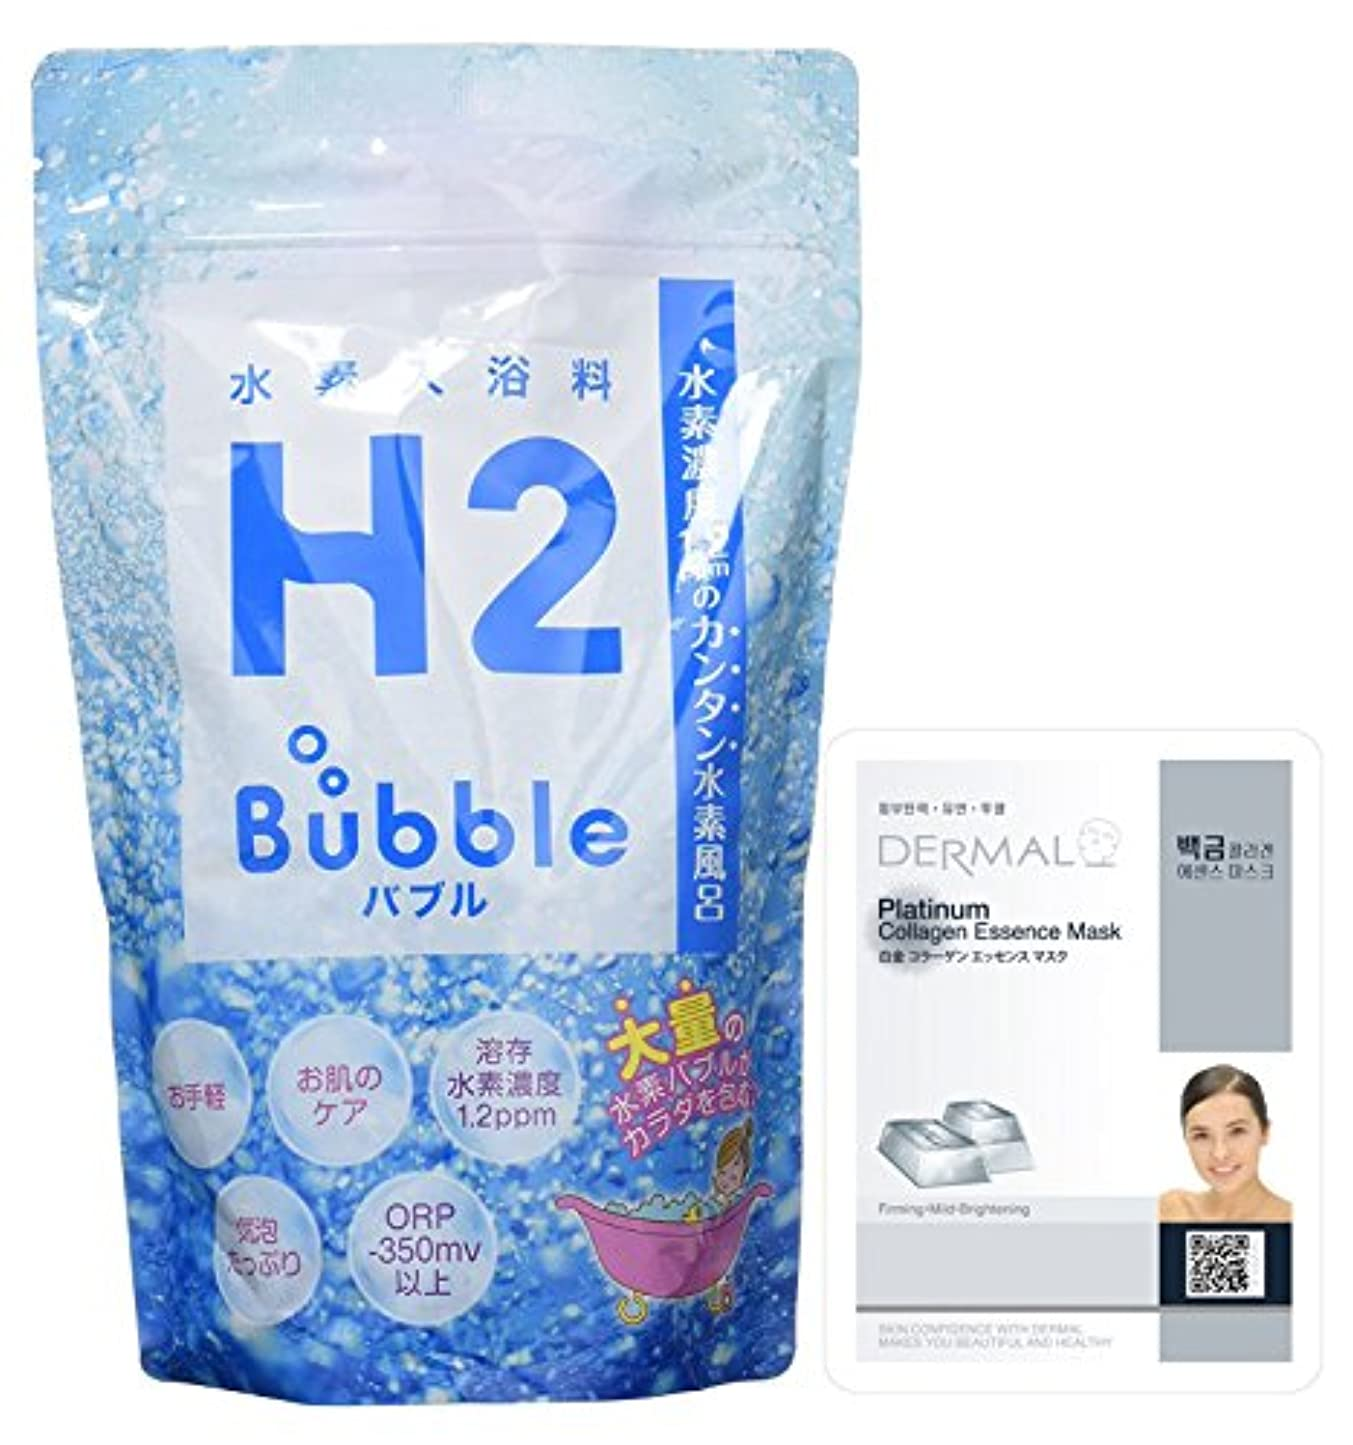 ヘッジ口南アメリカ水素 入浴剤 H2Bubble(エイチツーバブル)お徳用パック 700g (30日分)+白金シートパック1P セット